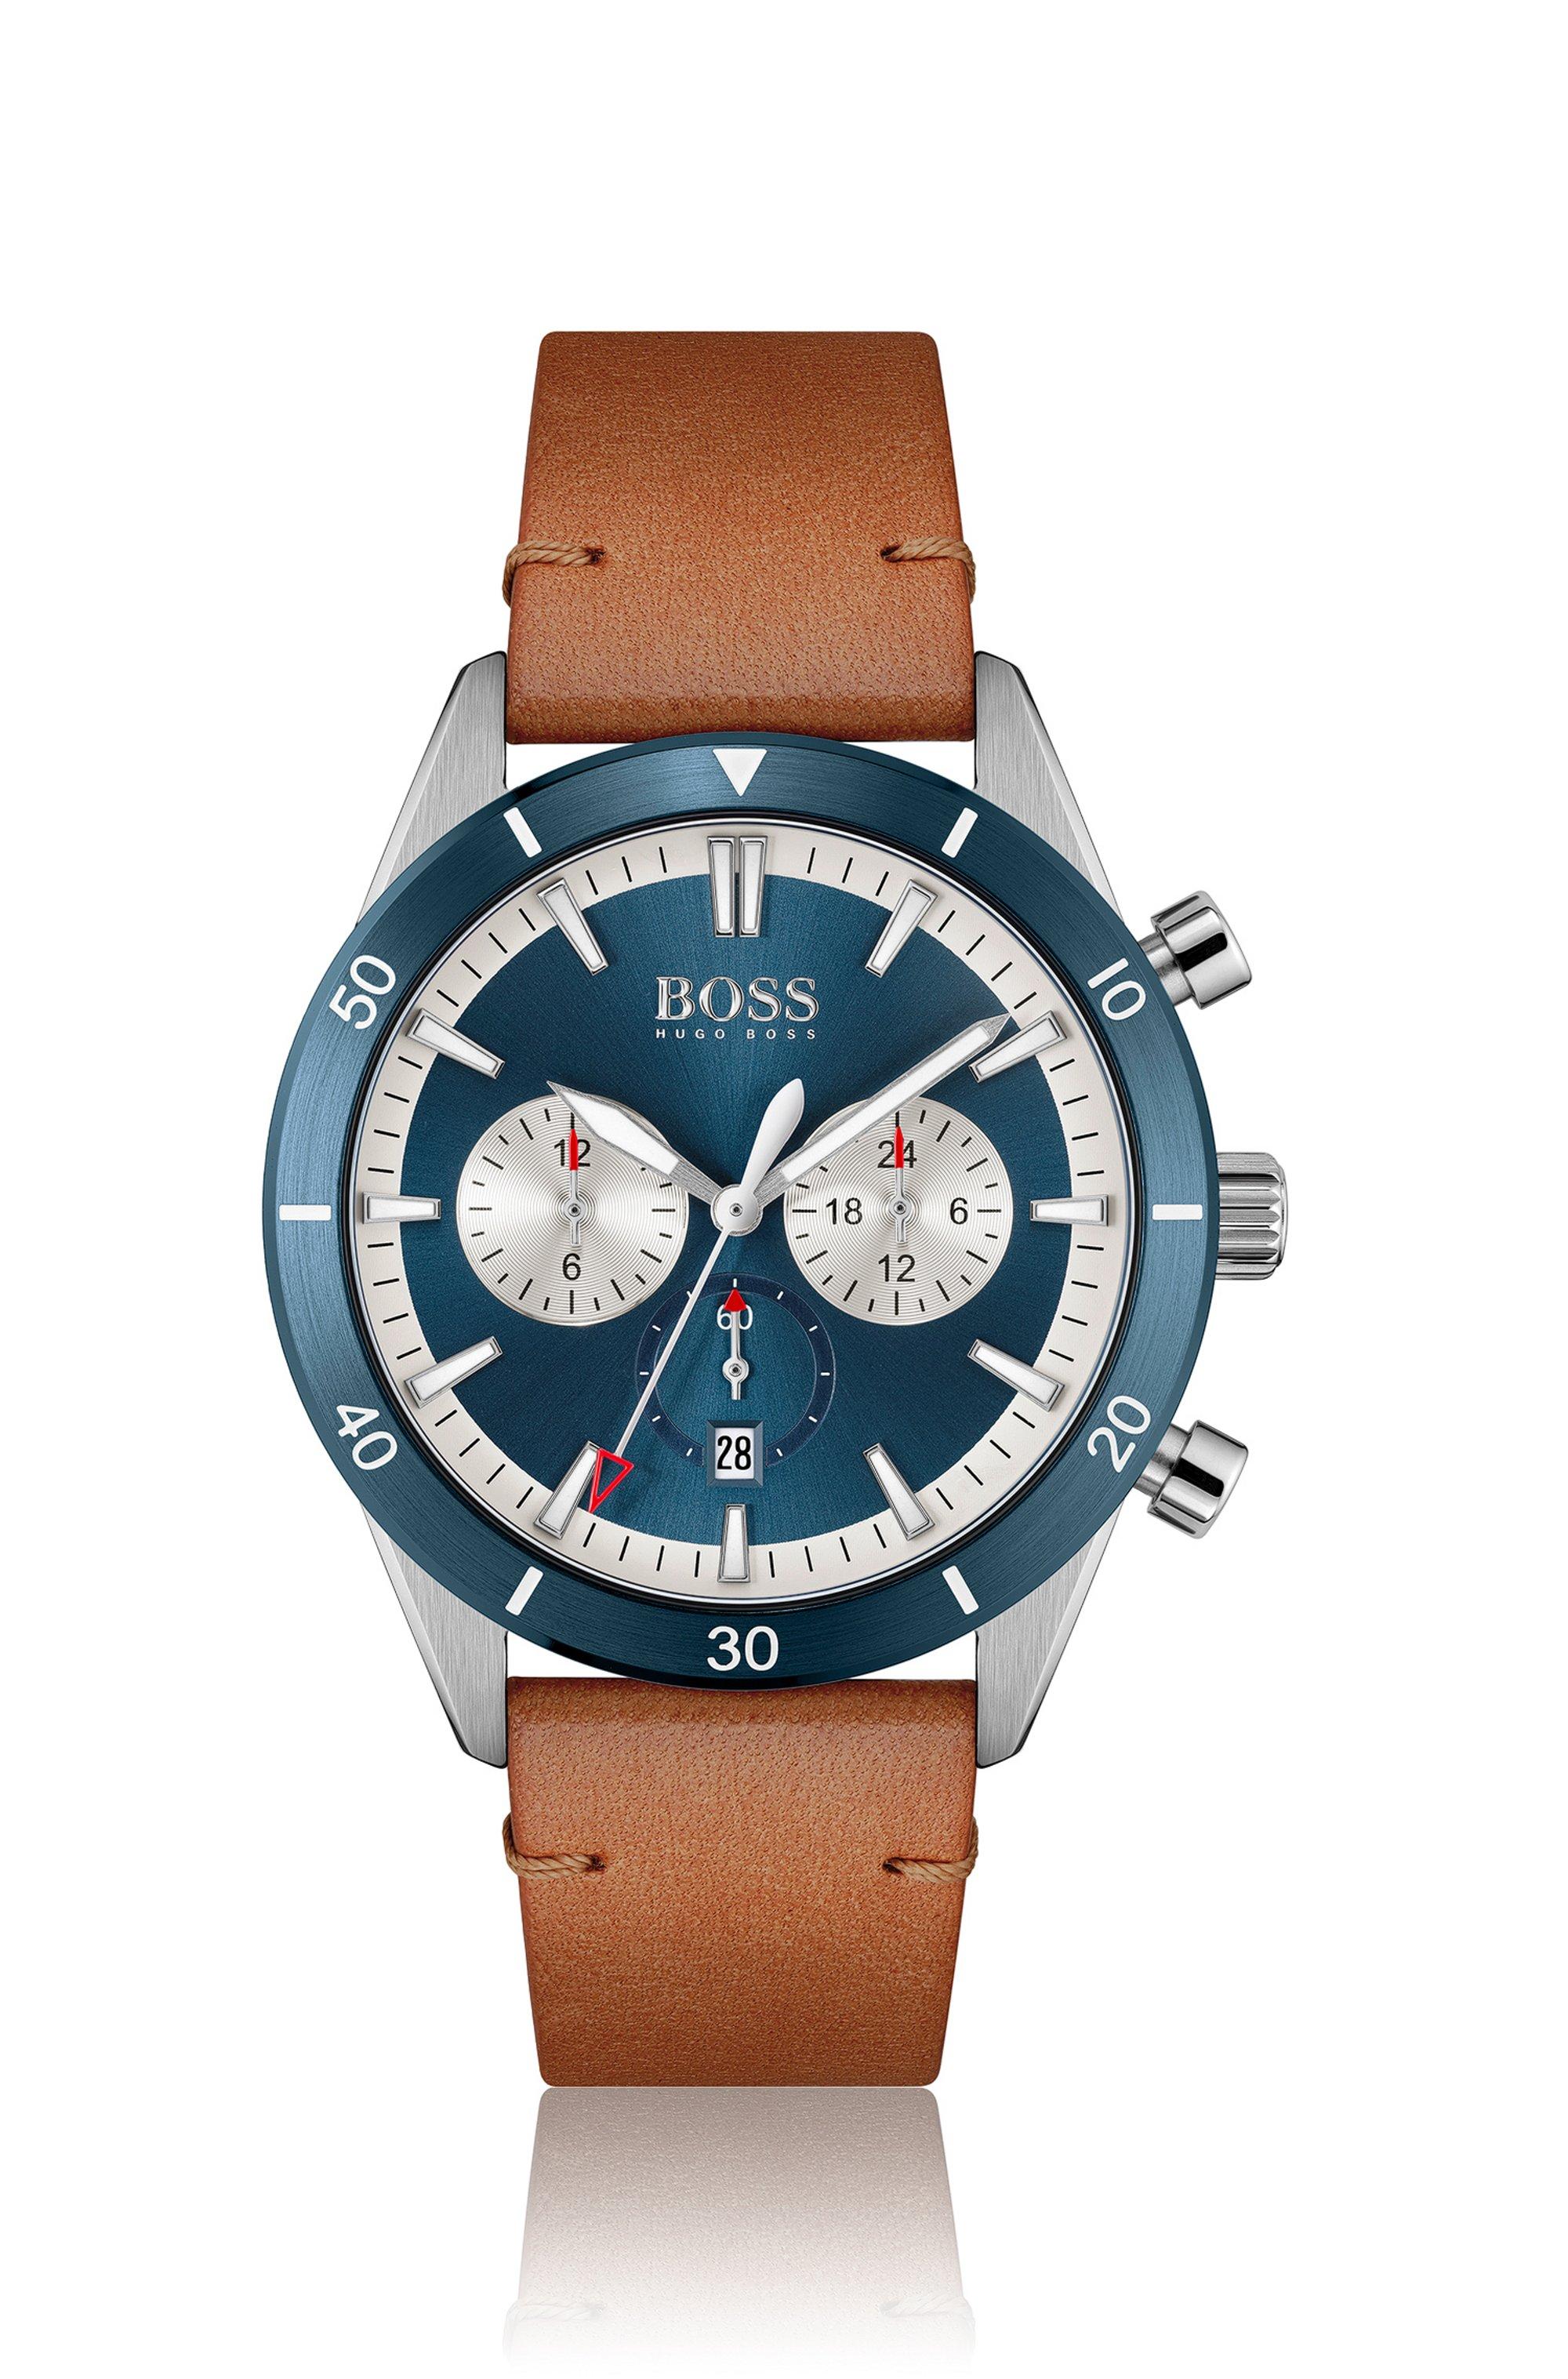 Uhr mit blauer Lünette, Totalisatoren und Lederarmband, Assorted-Pre-Pack